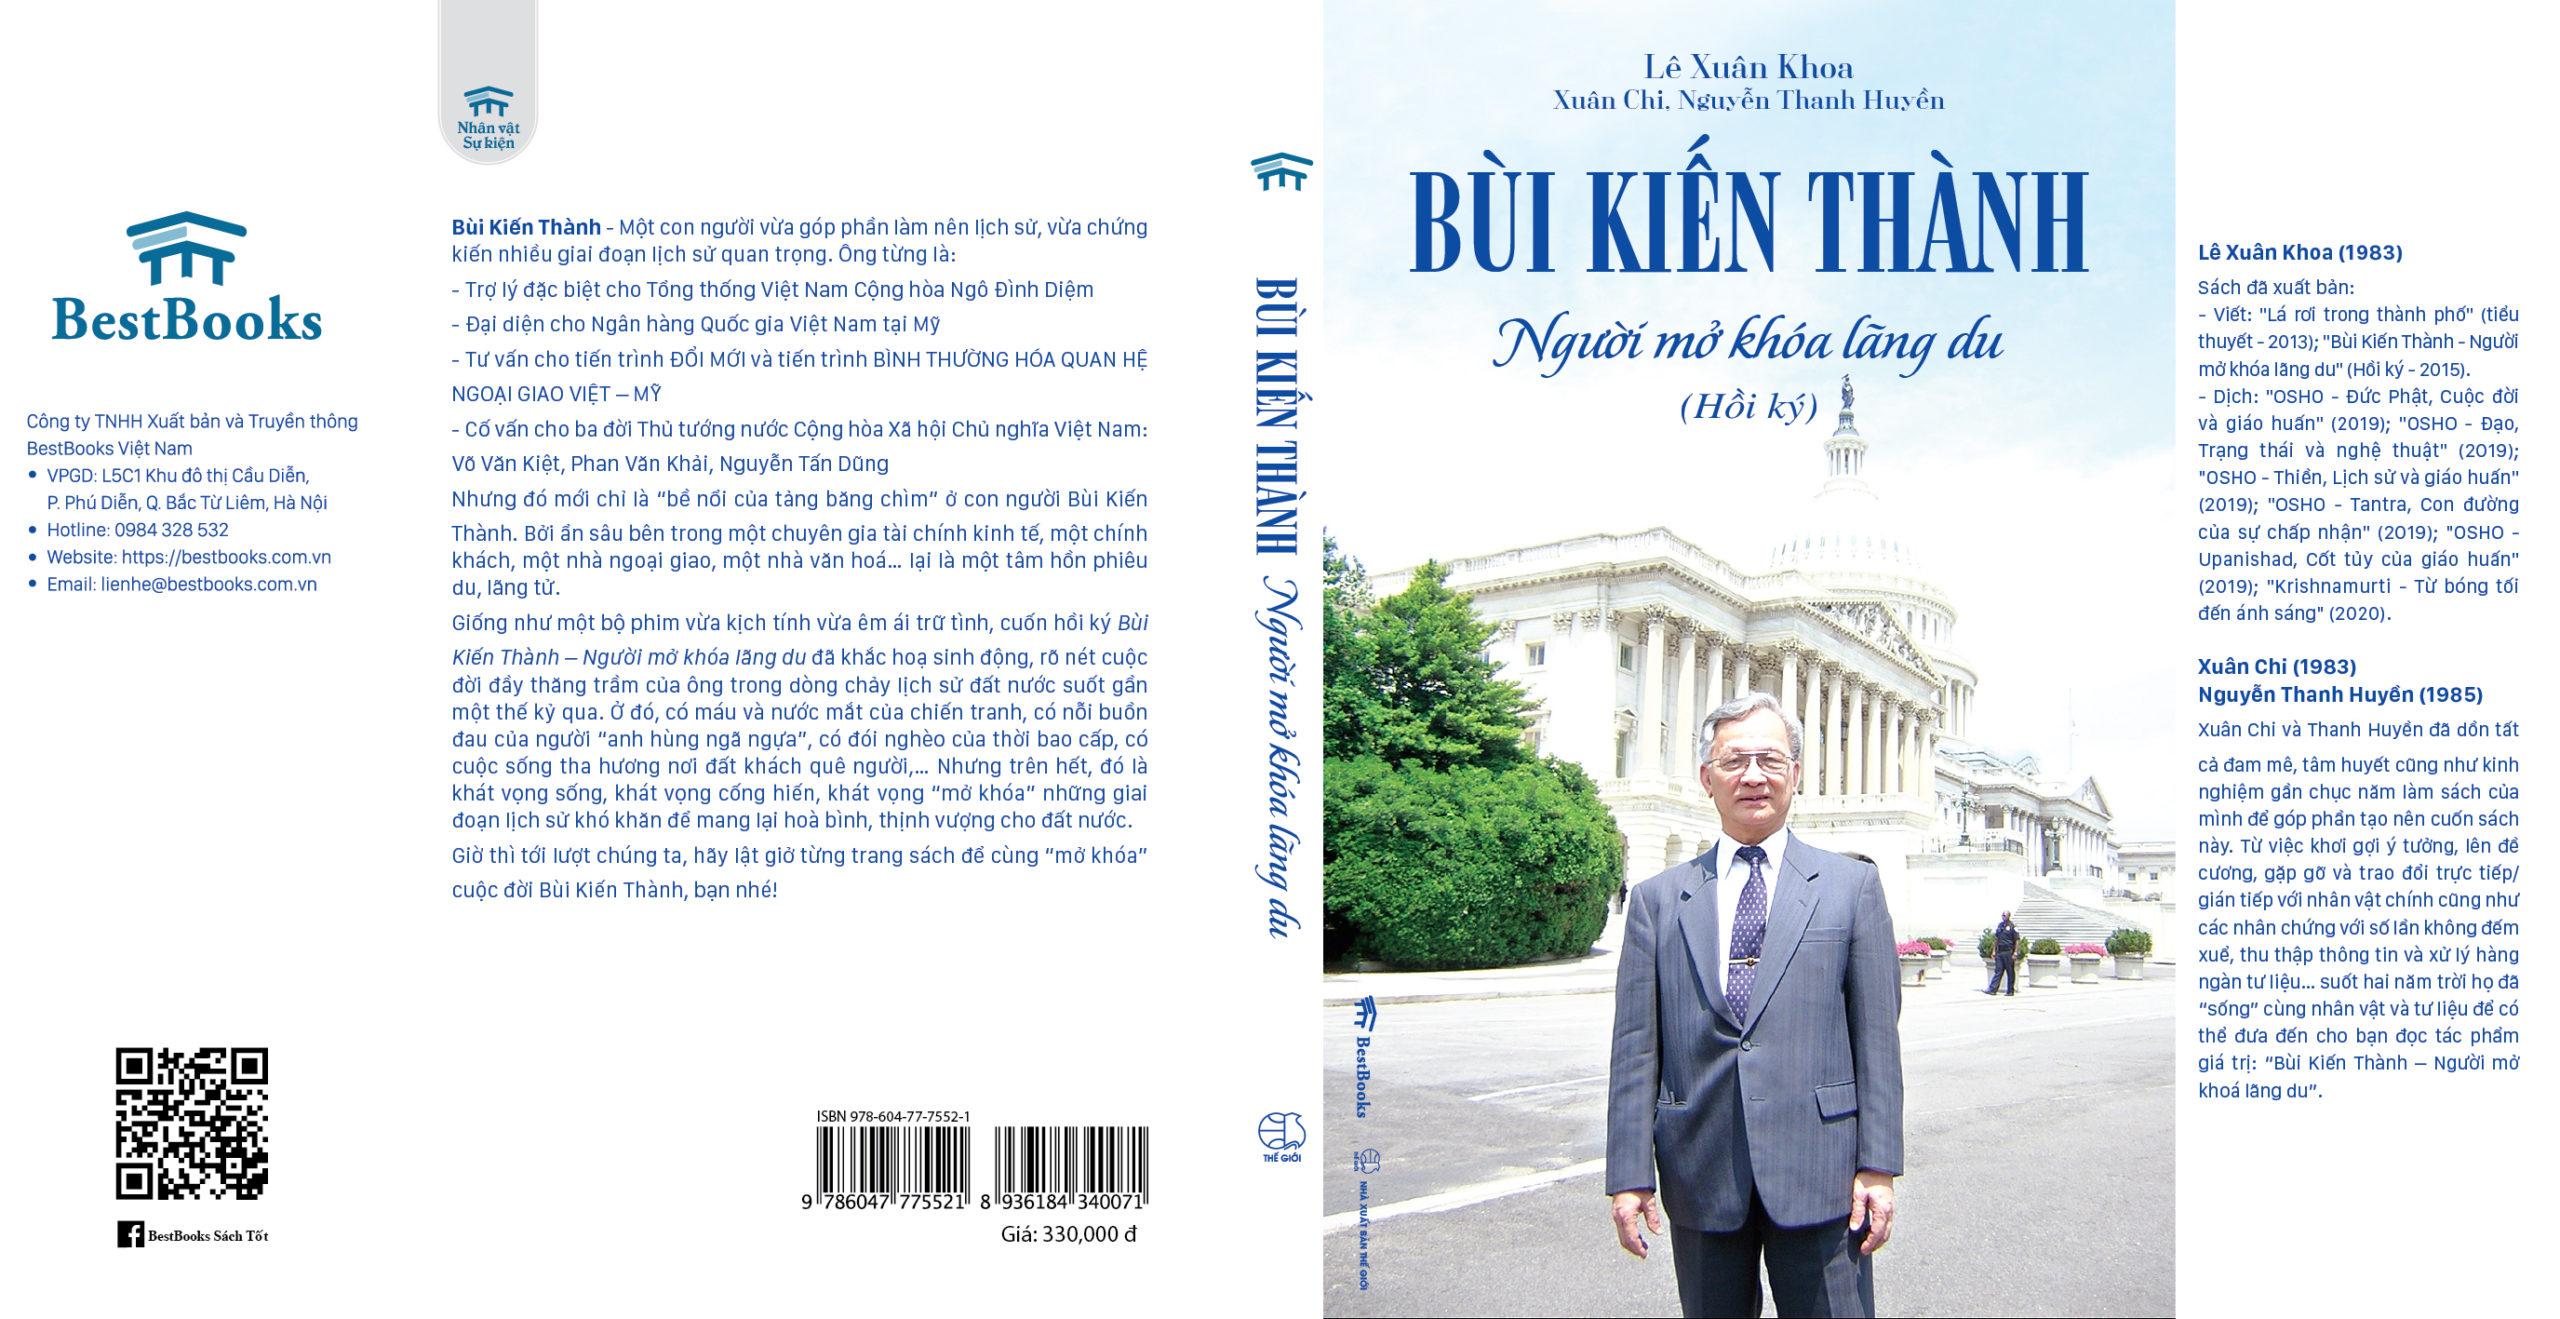 Hoi ky Bui Kien Thanh ban dac biet-bìa full